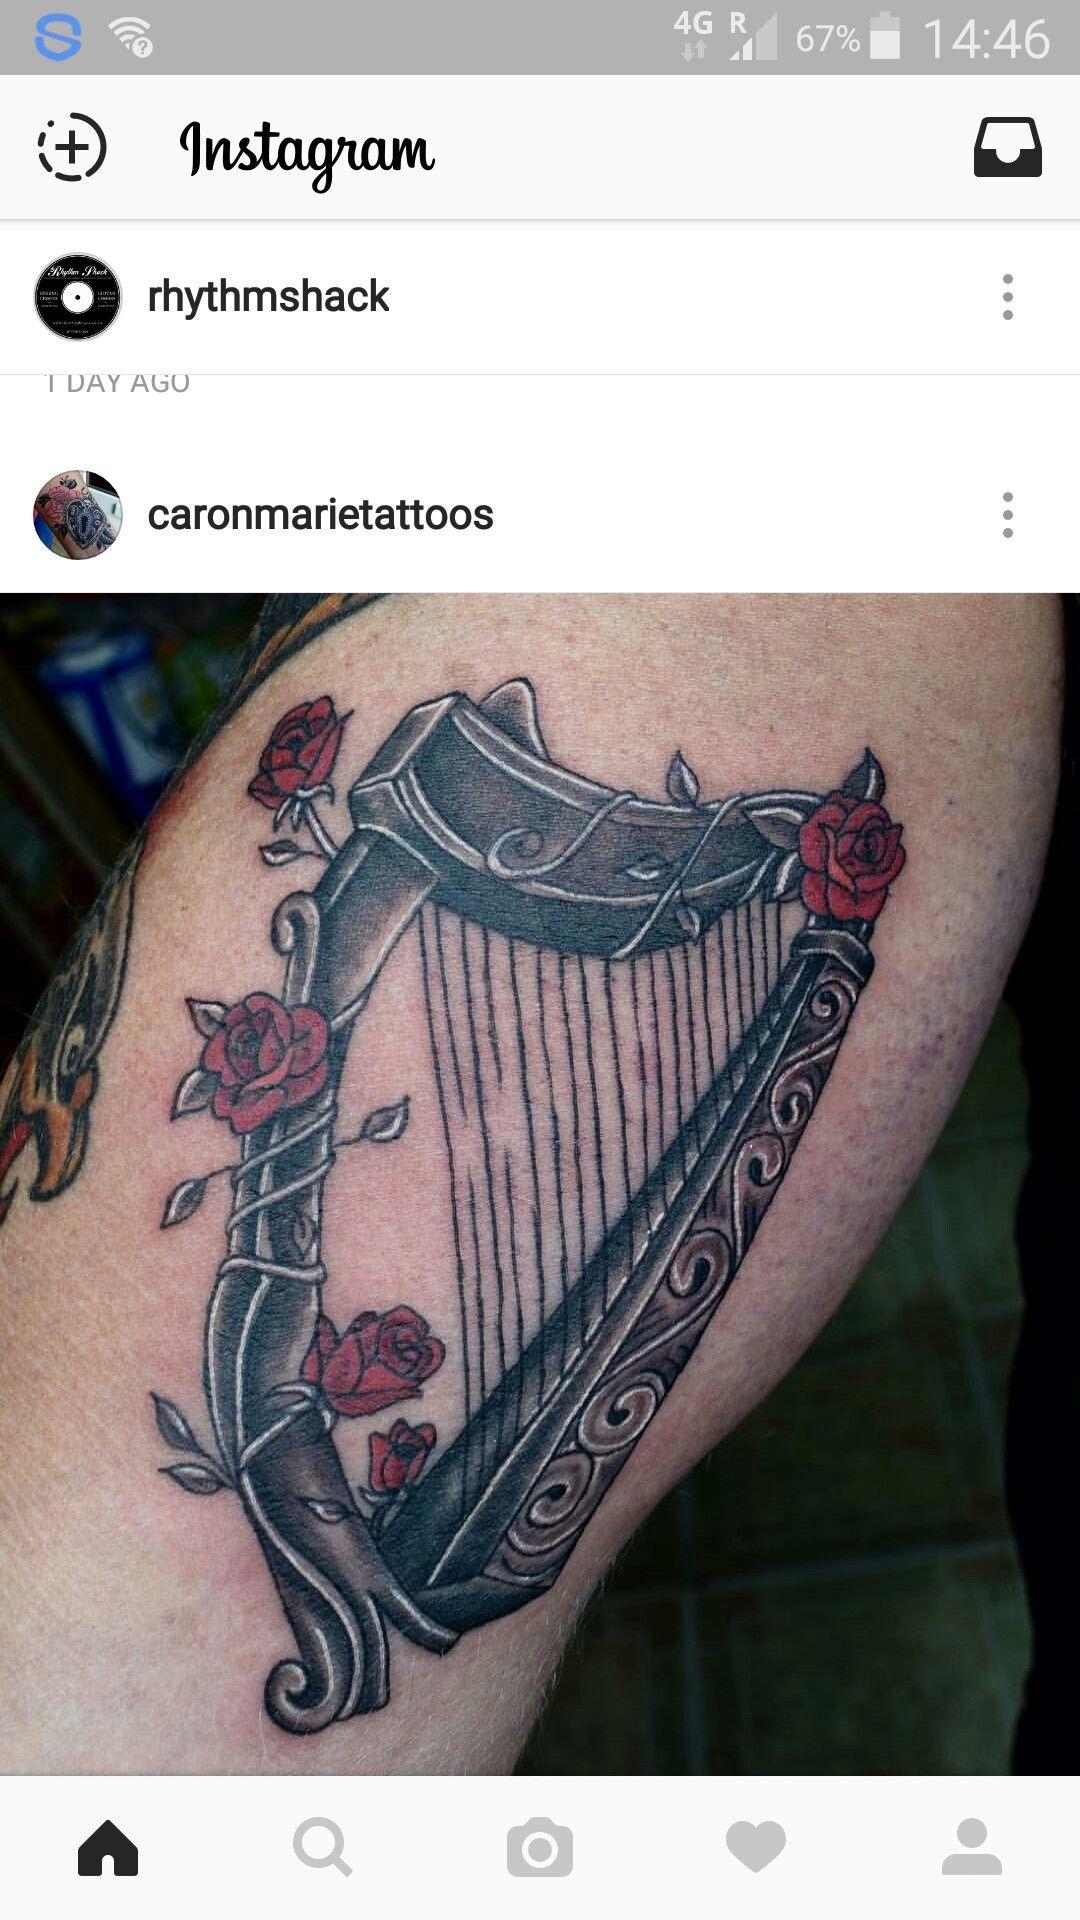 a638058d6 My Irish harp. English Rose tattoo | tattoo | Irish tattoos, Music ...